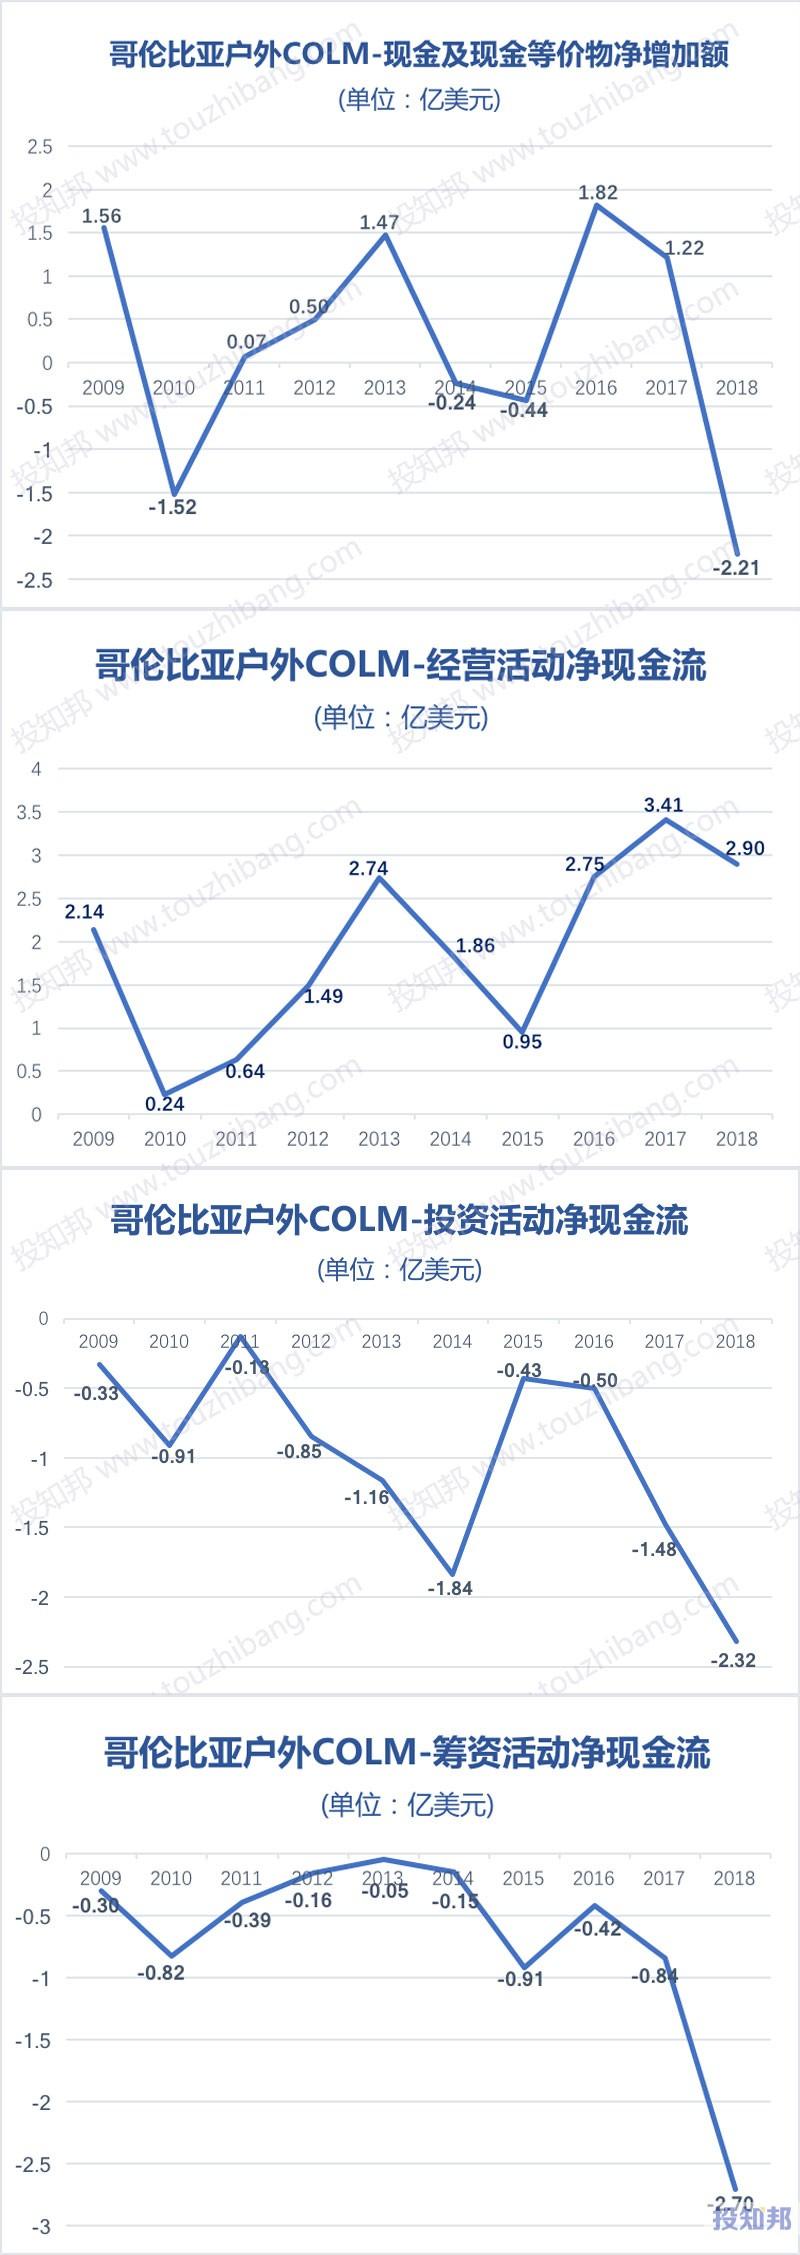 图解哥伦比亚户外(COLM)财报数据(2009年~2019年Q3)